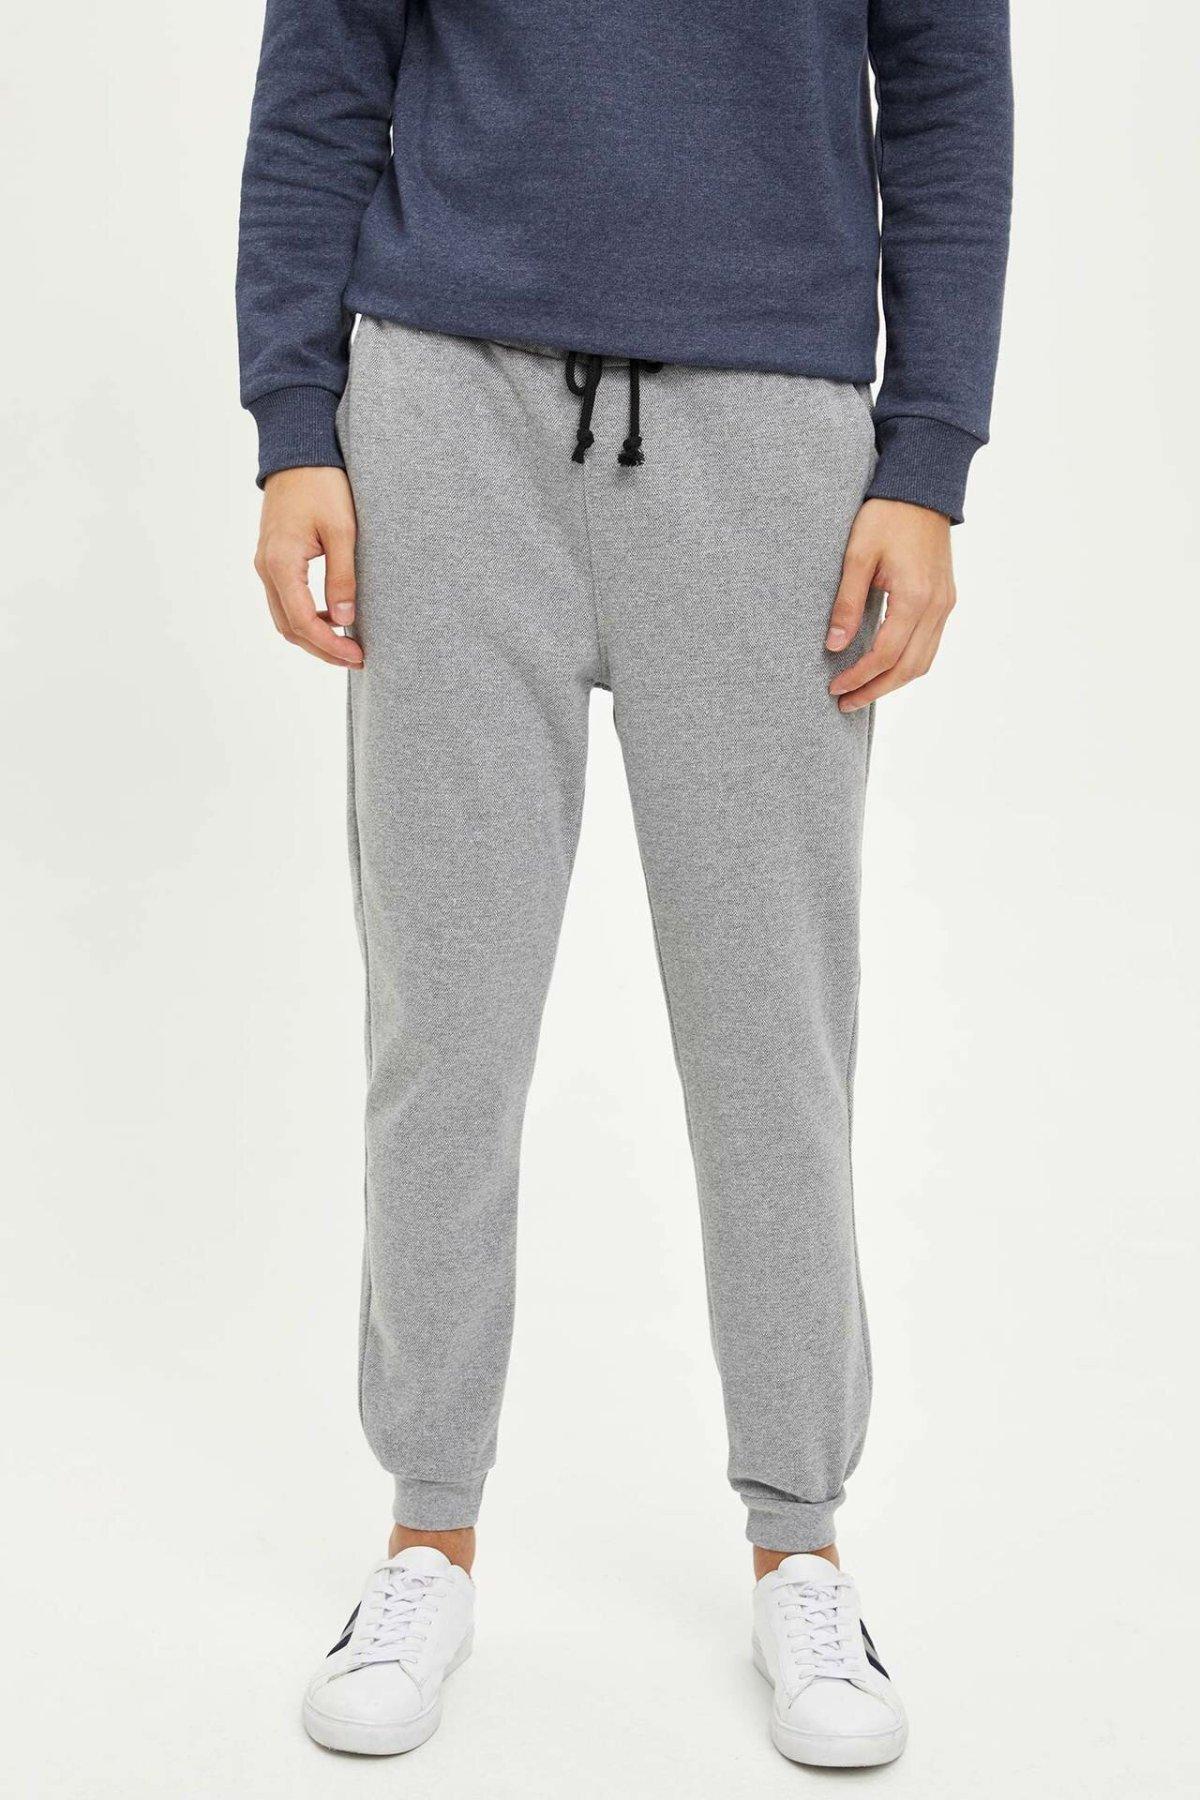 DeFacto Man Fashion Slim Fit Jogger Pants Casual Drawstring Sport Trousers For Men's Casual Loose Sweatpants Male - L5613AZ19AU